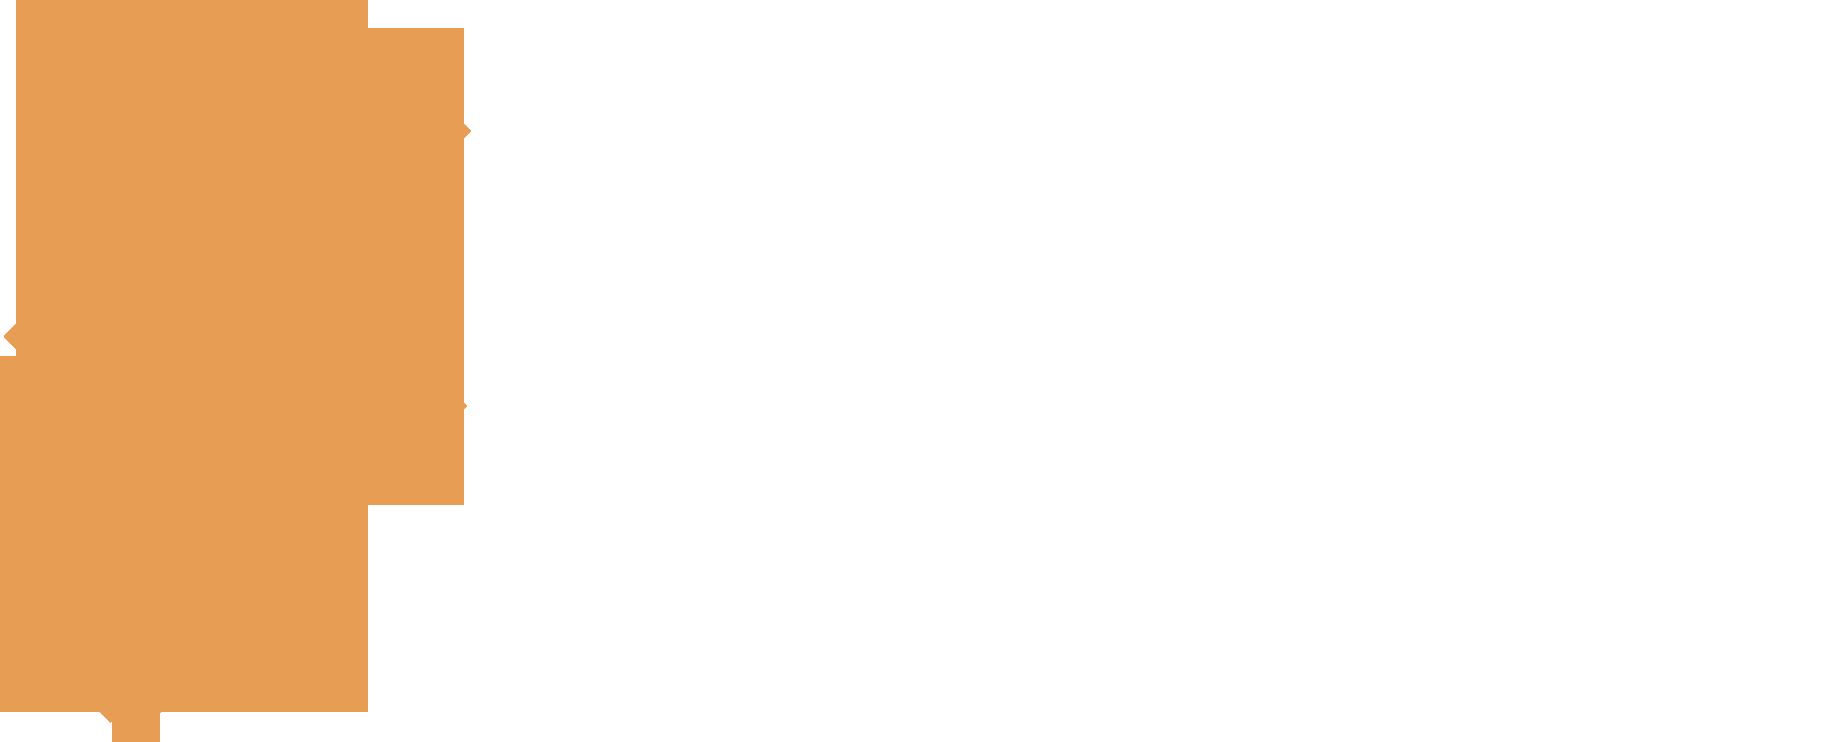 Plancher Summum